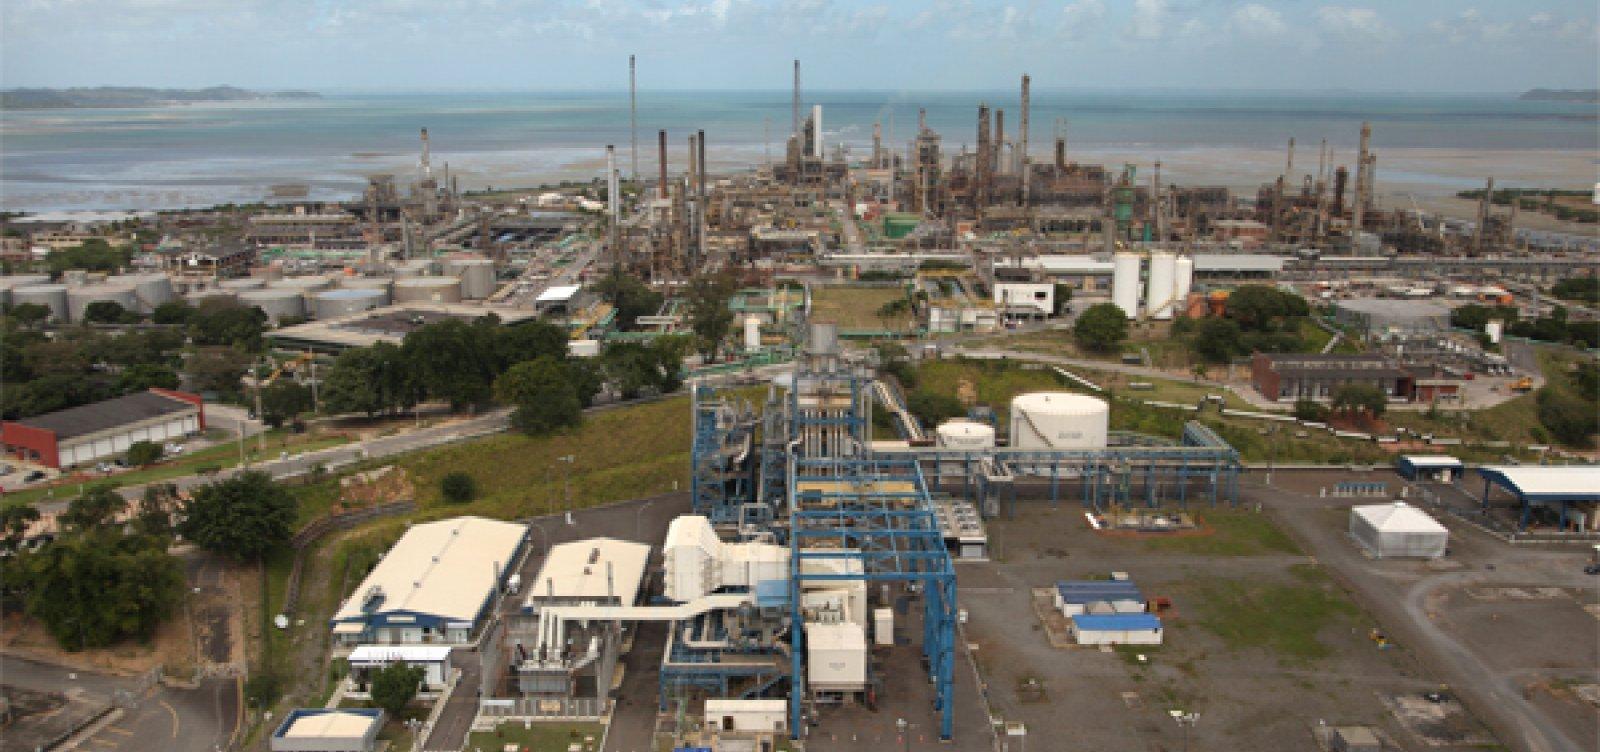 [Petrobras altera nomes de usinas que homenageavam personalidades de esquerda]